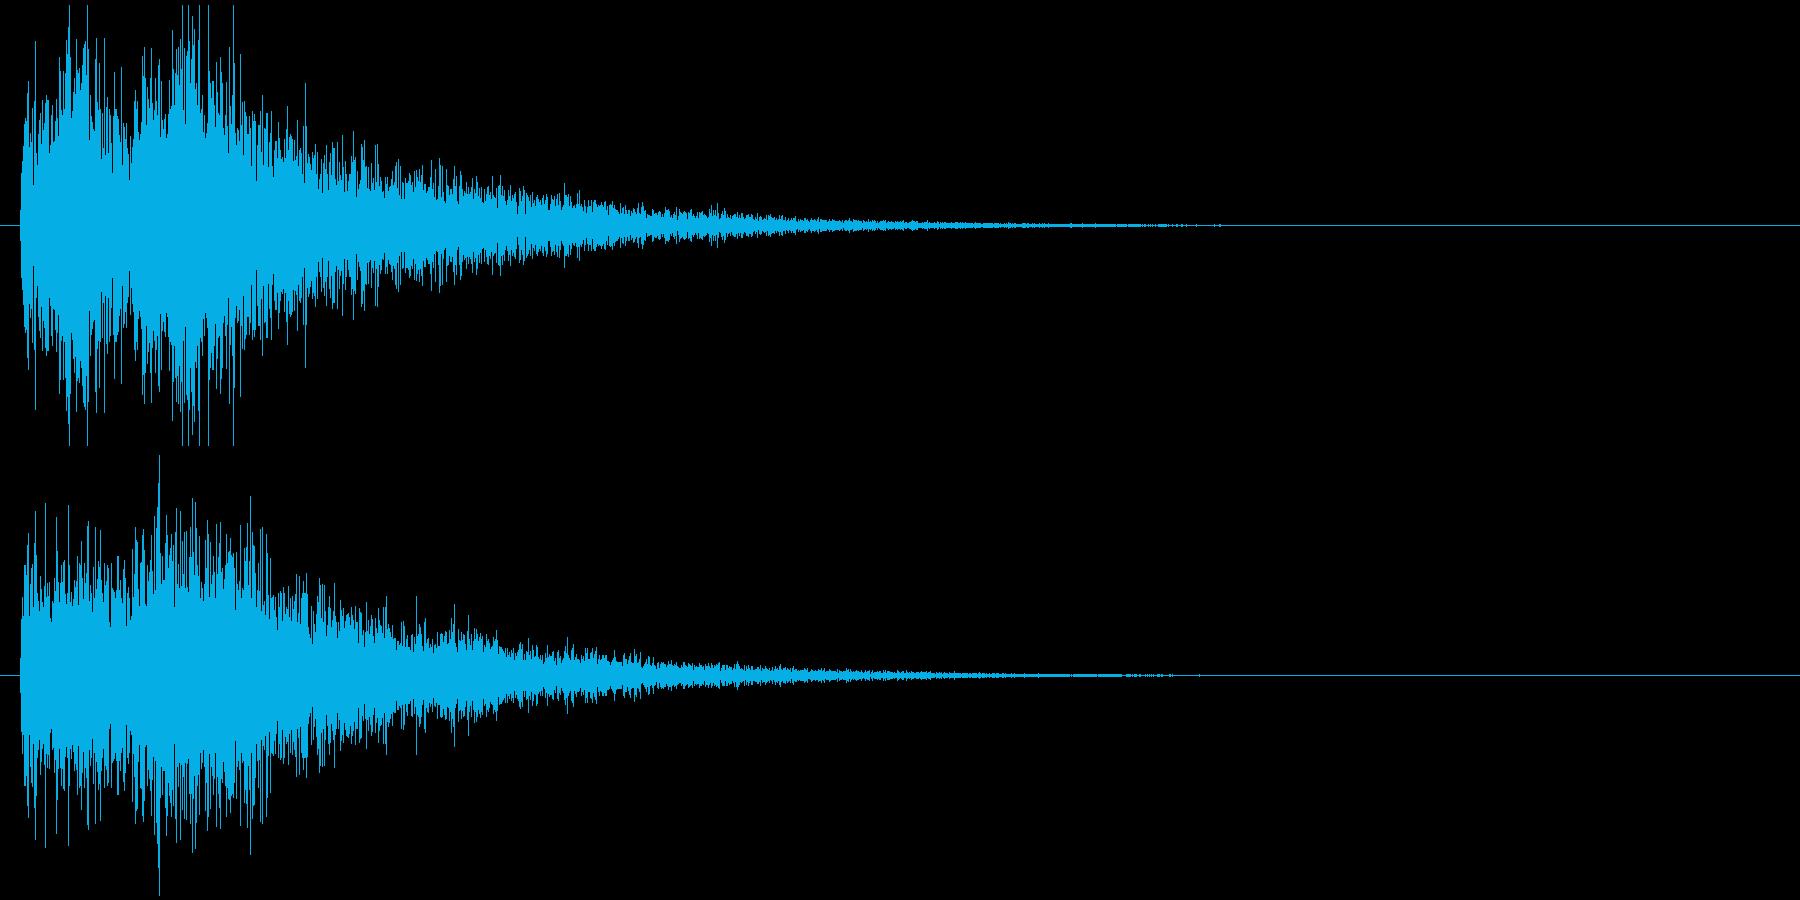 クイズ出題音(デデン!)の再生済みの波形